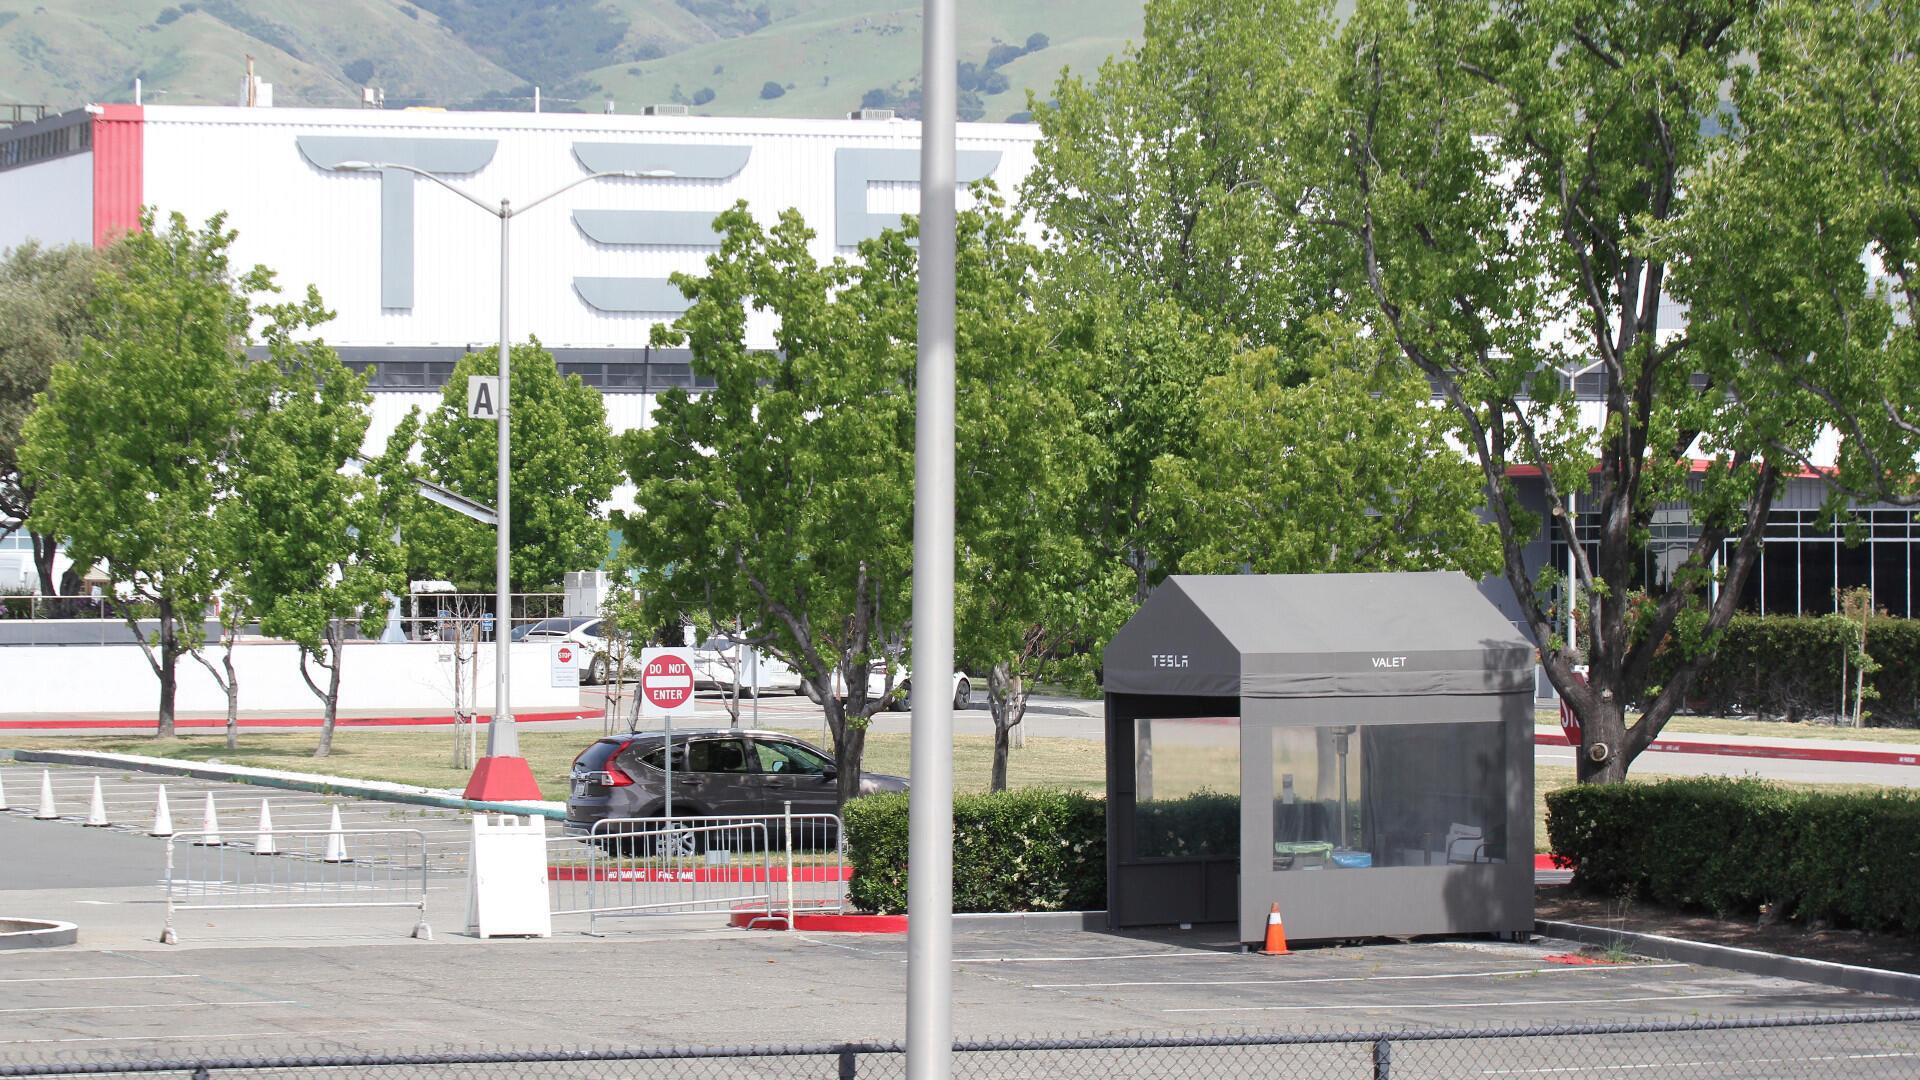 Una tienda de valet parking se ve vacía en el estacionamiento de la única fábrica de vehículos de Tesla Inc. en Fremont, California, EE. UU., durante el brote global del coronavirus Covid-19, el 8 de mayo de 2020.